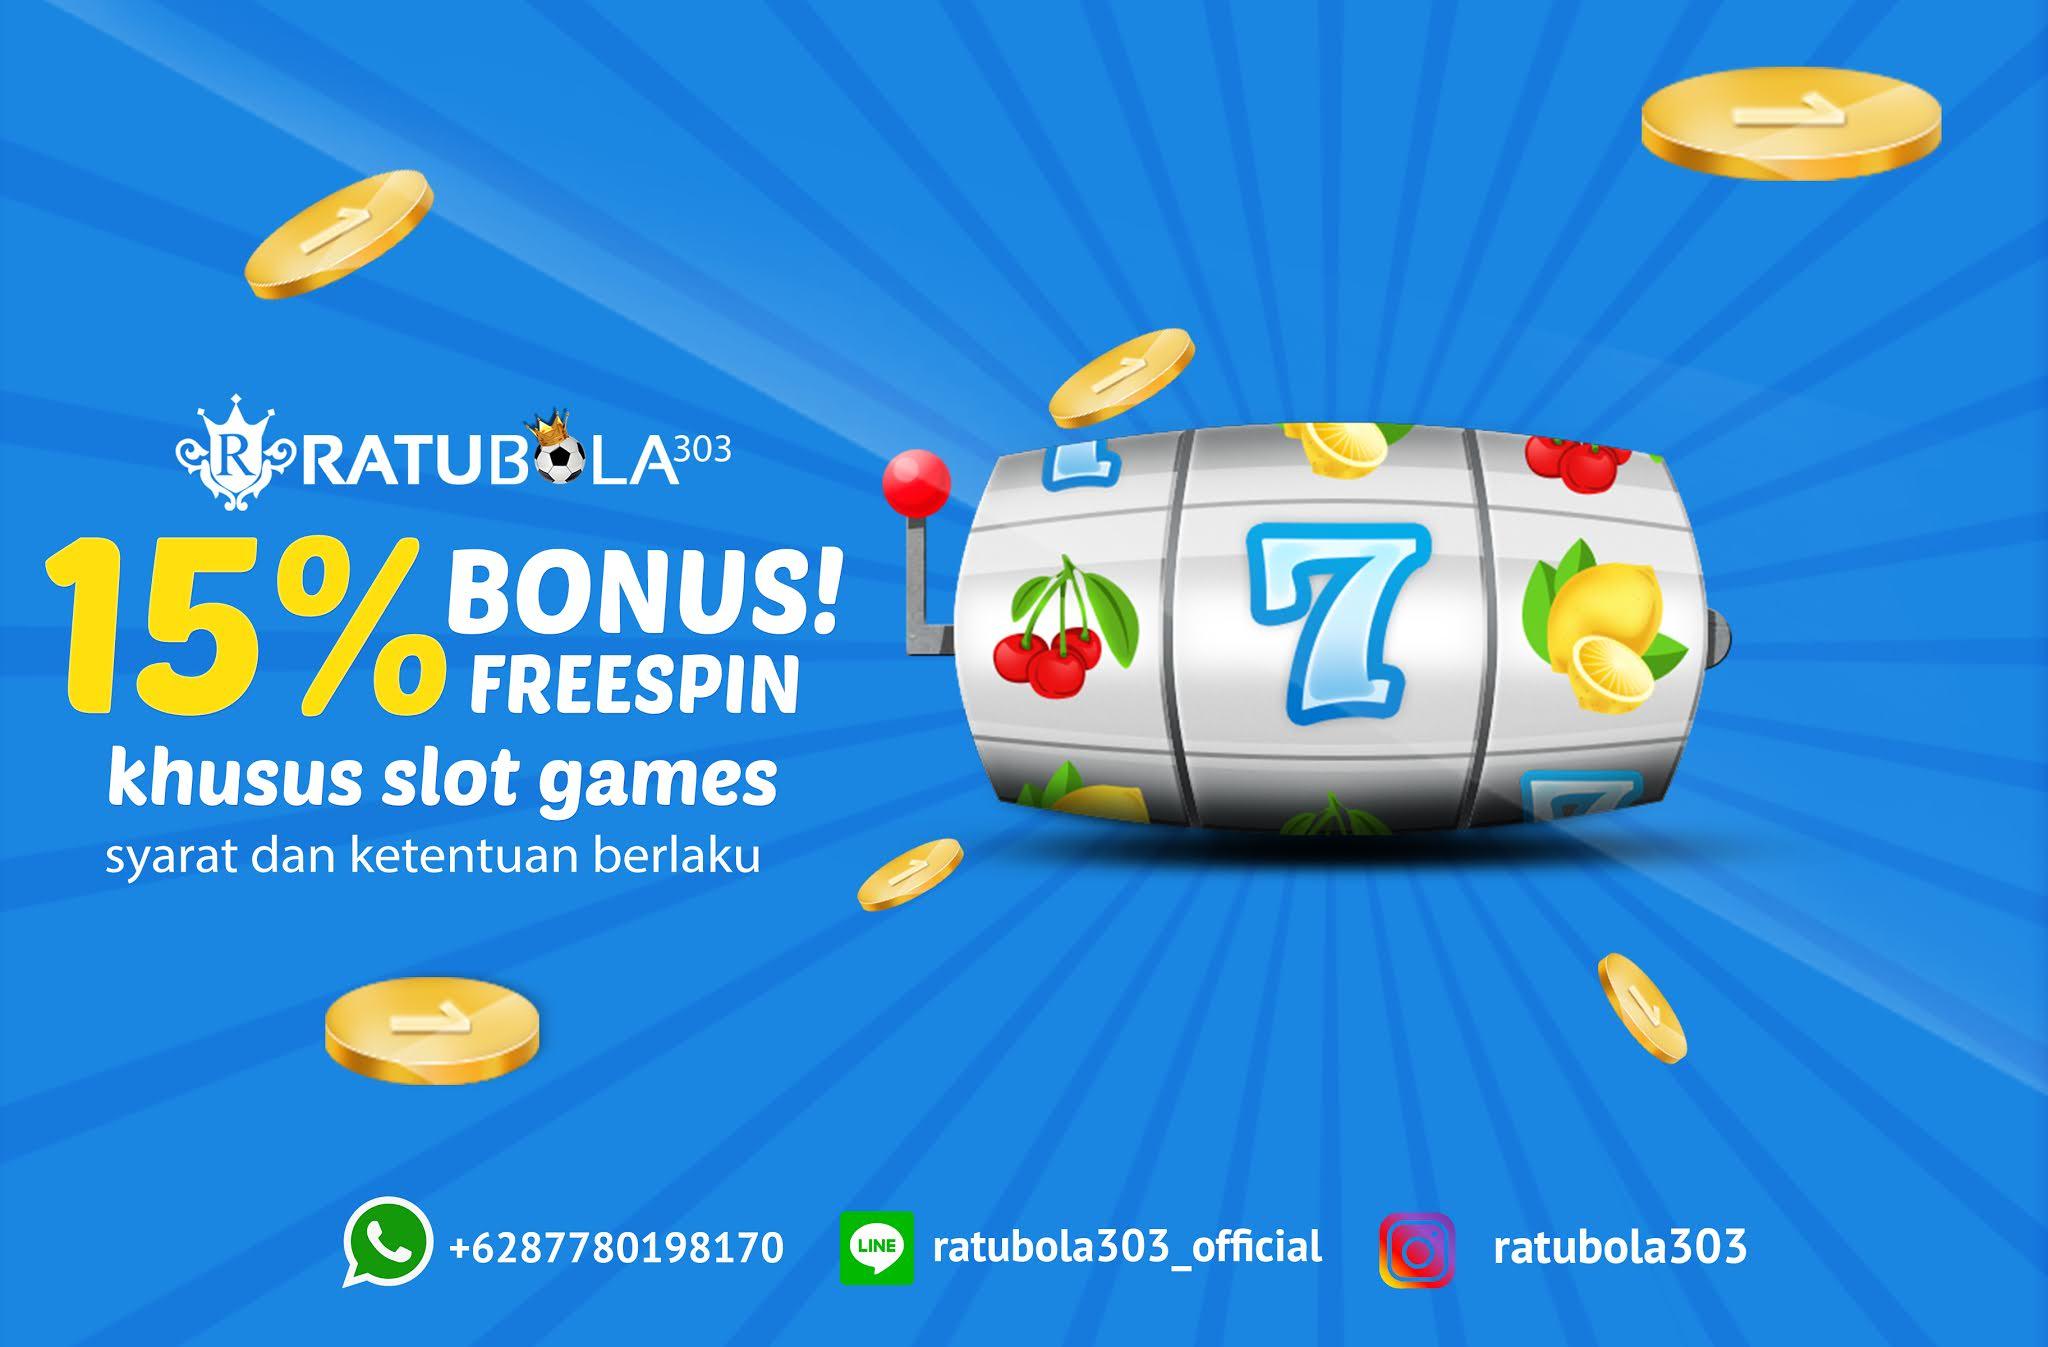 Extra Bonus Freespin 15% Ratubola303